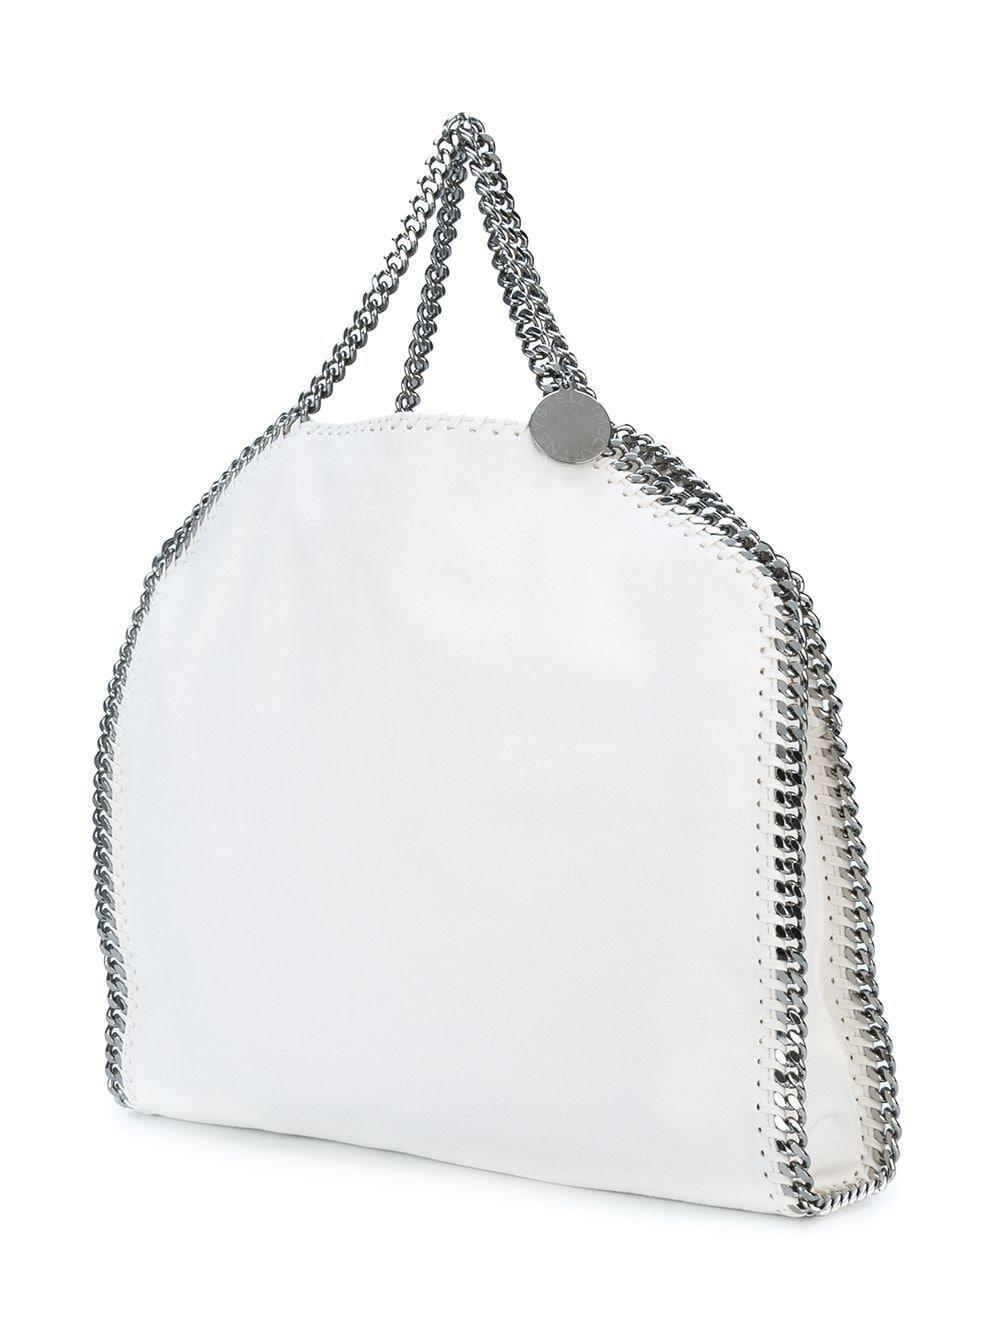 Stella McCartney Leather Falabella Tote in White